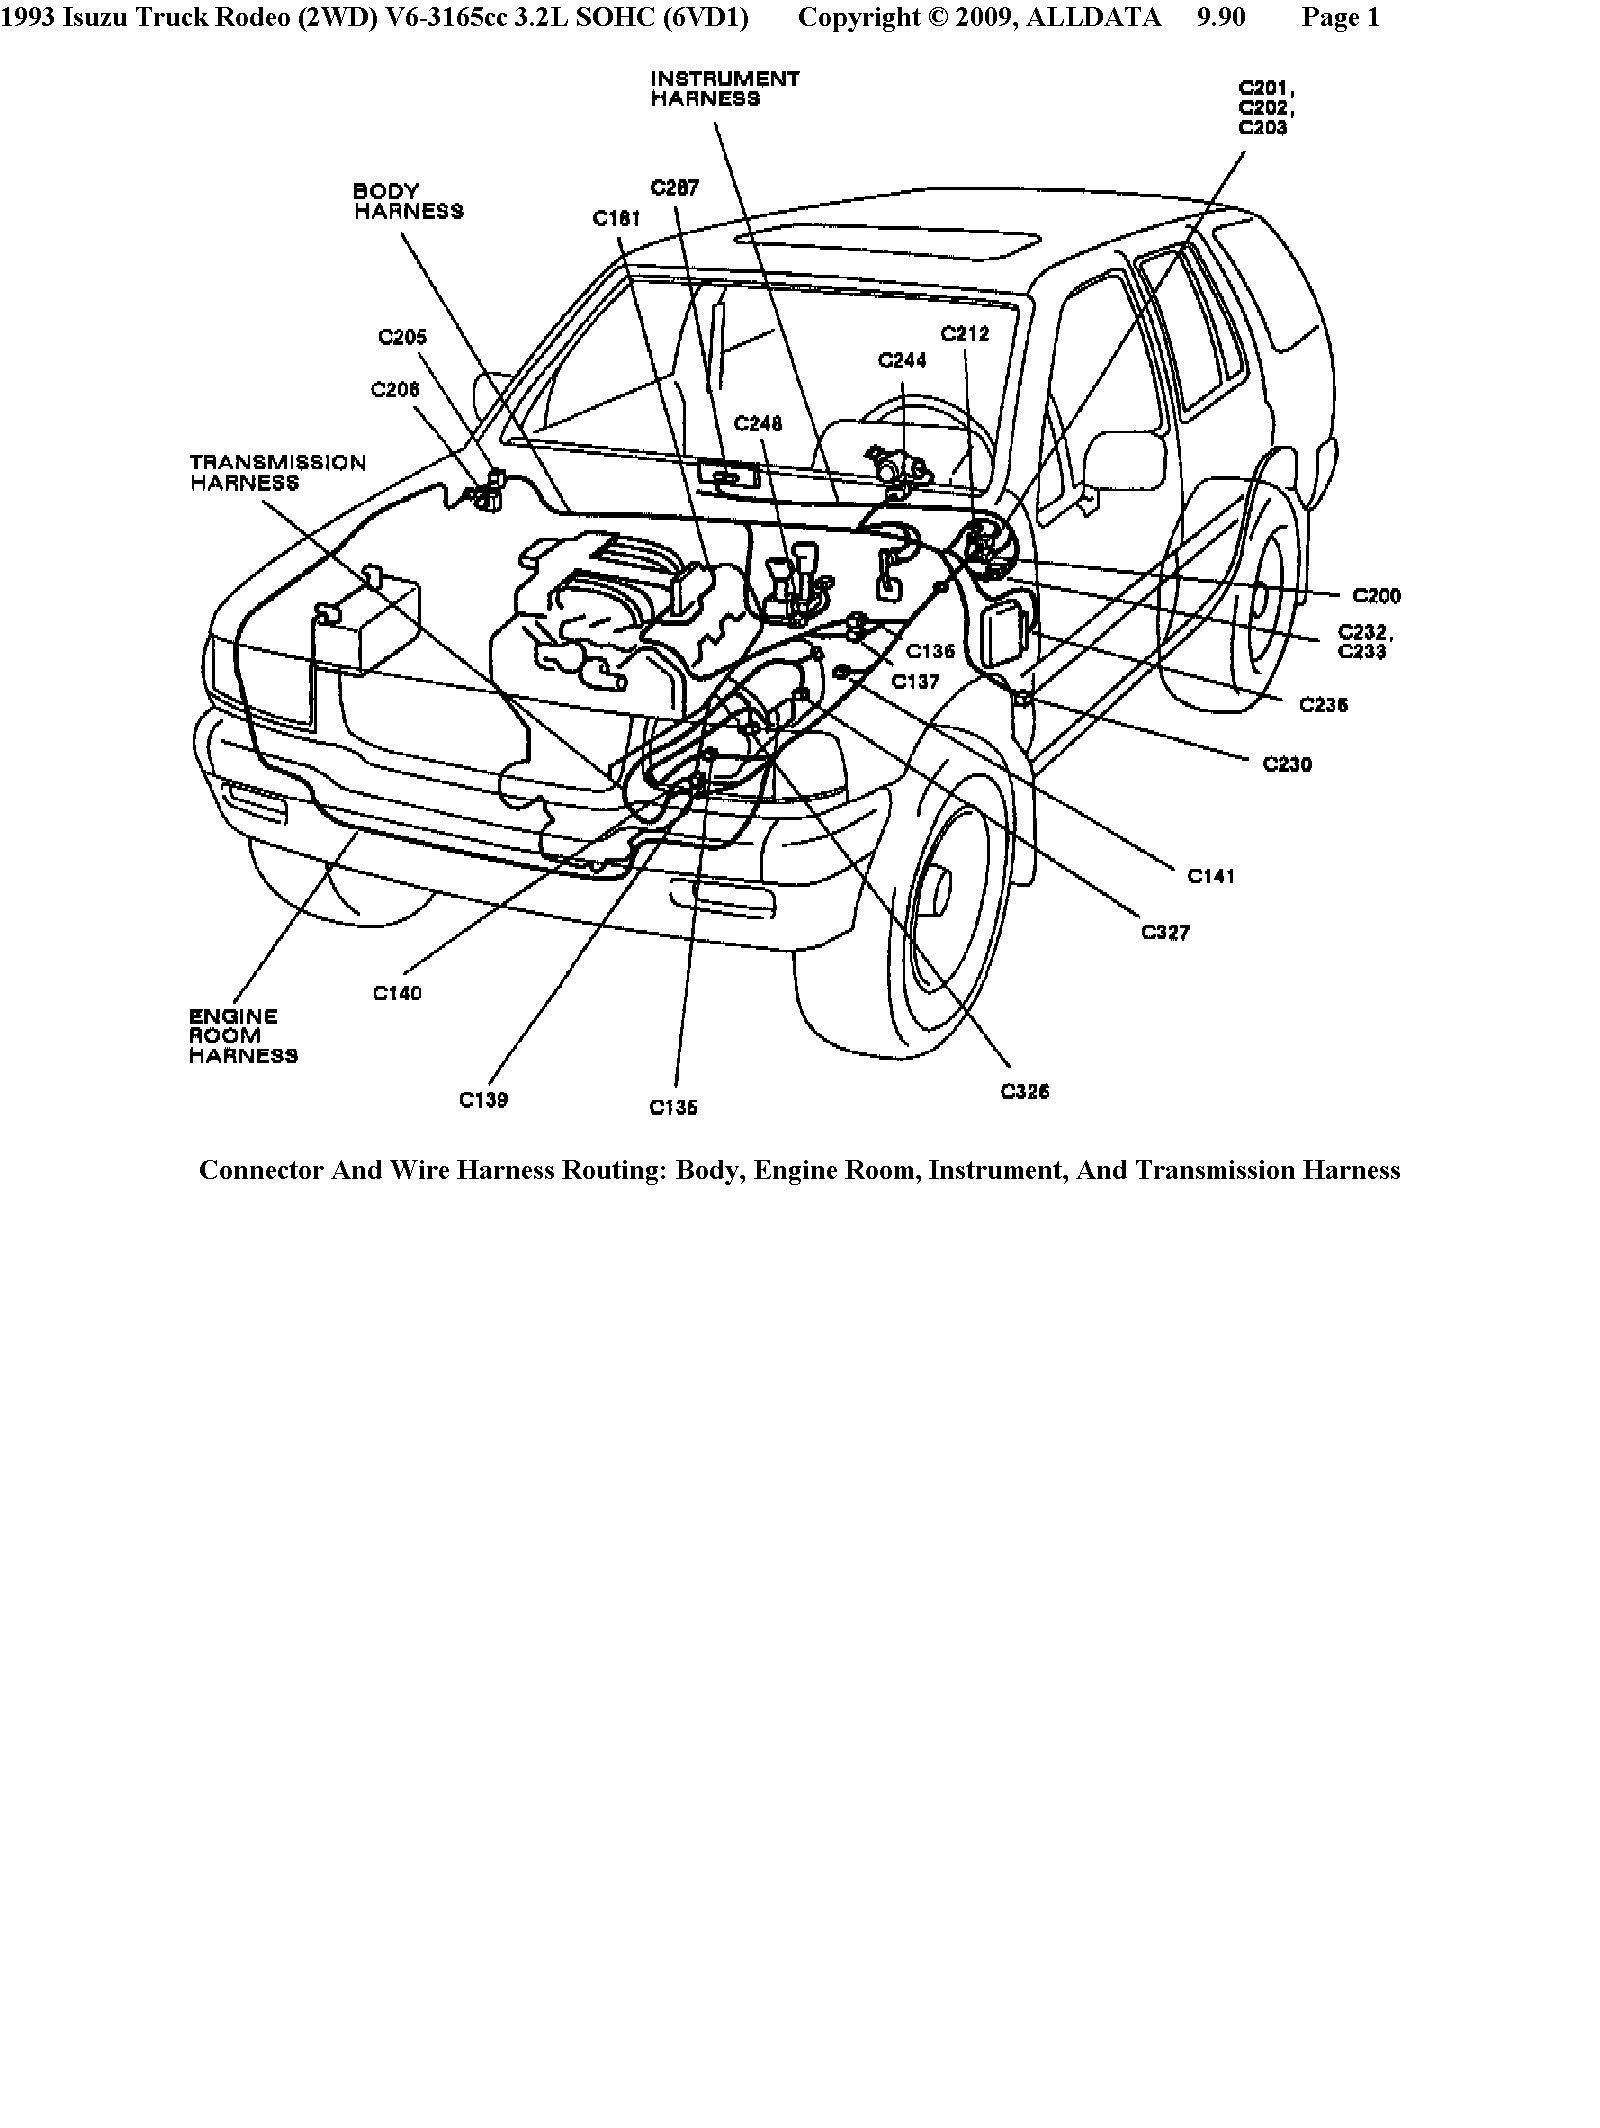 93 Mazda Protege Stereo Wiring